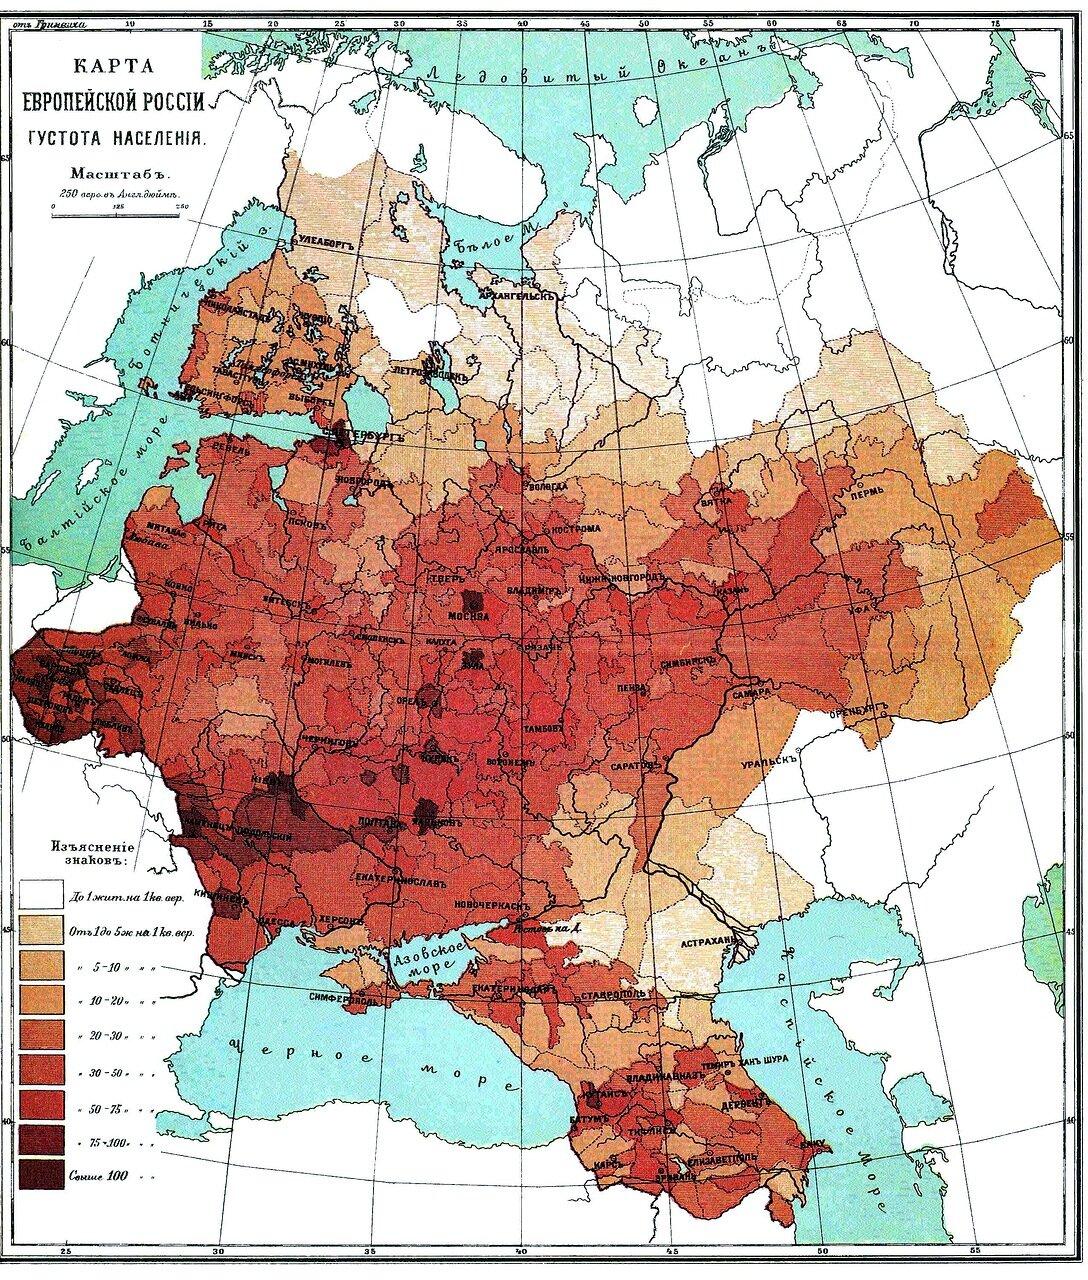 08. Густота населения Европейской России